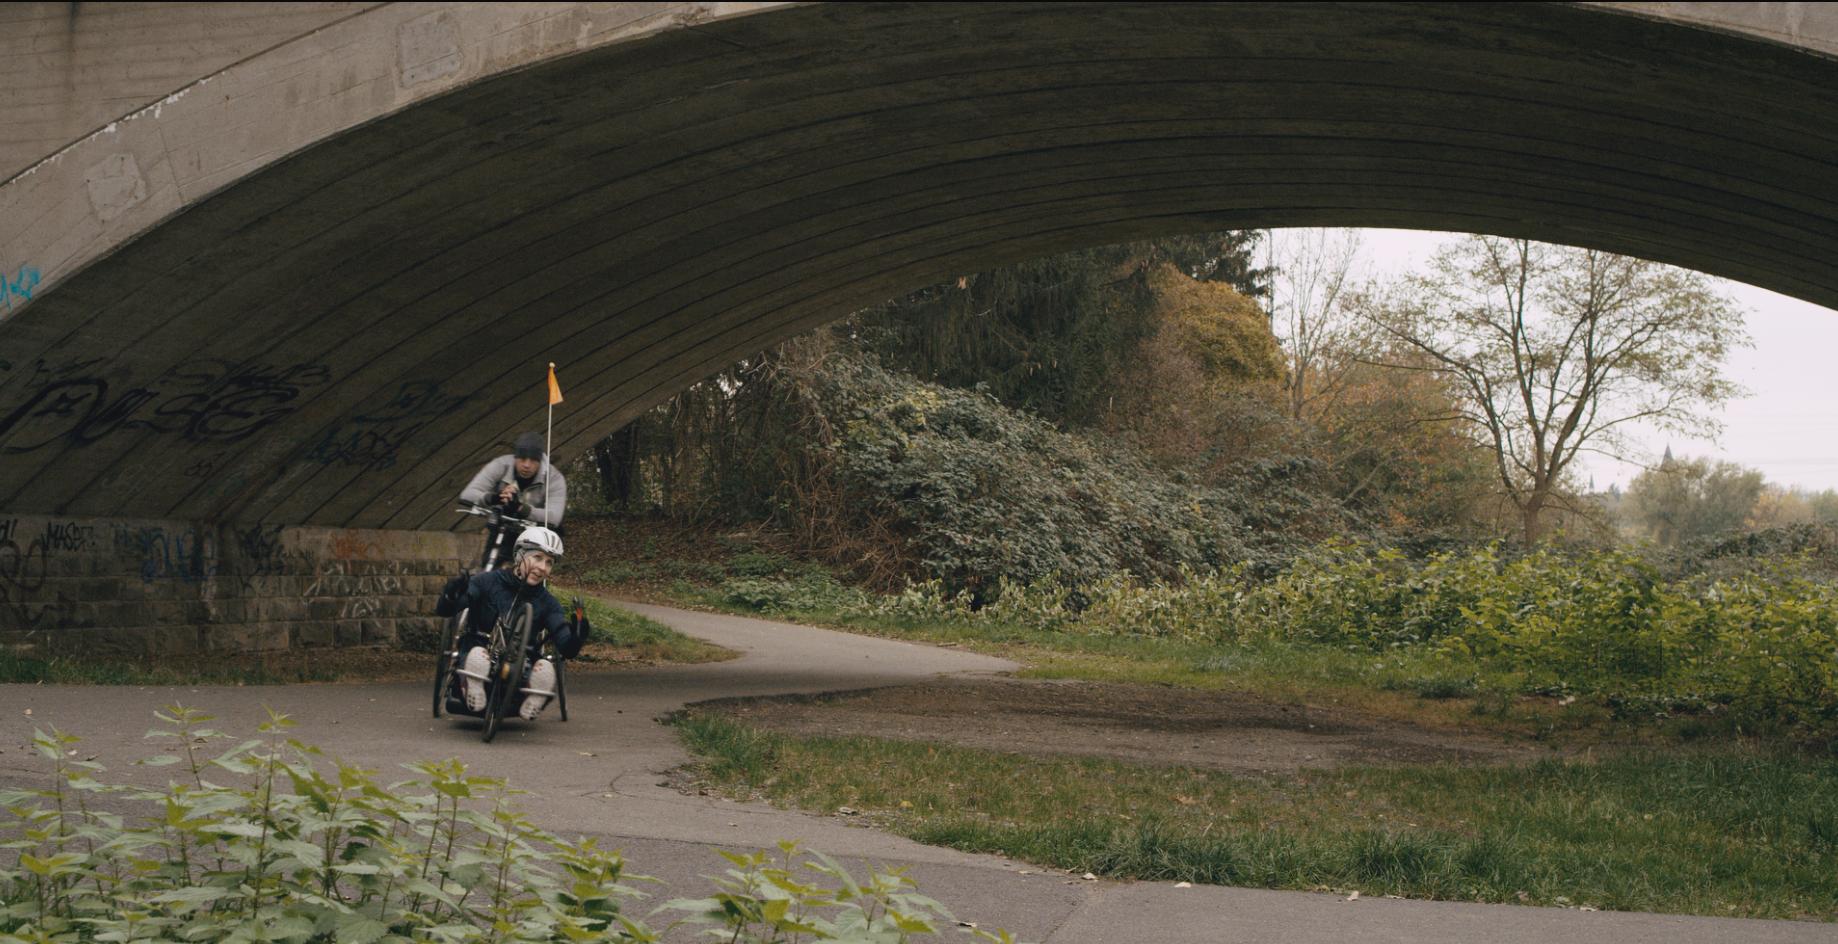 Biking Scene